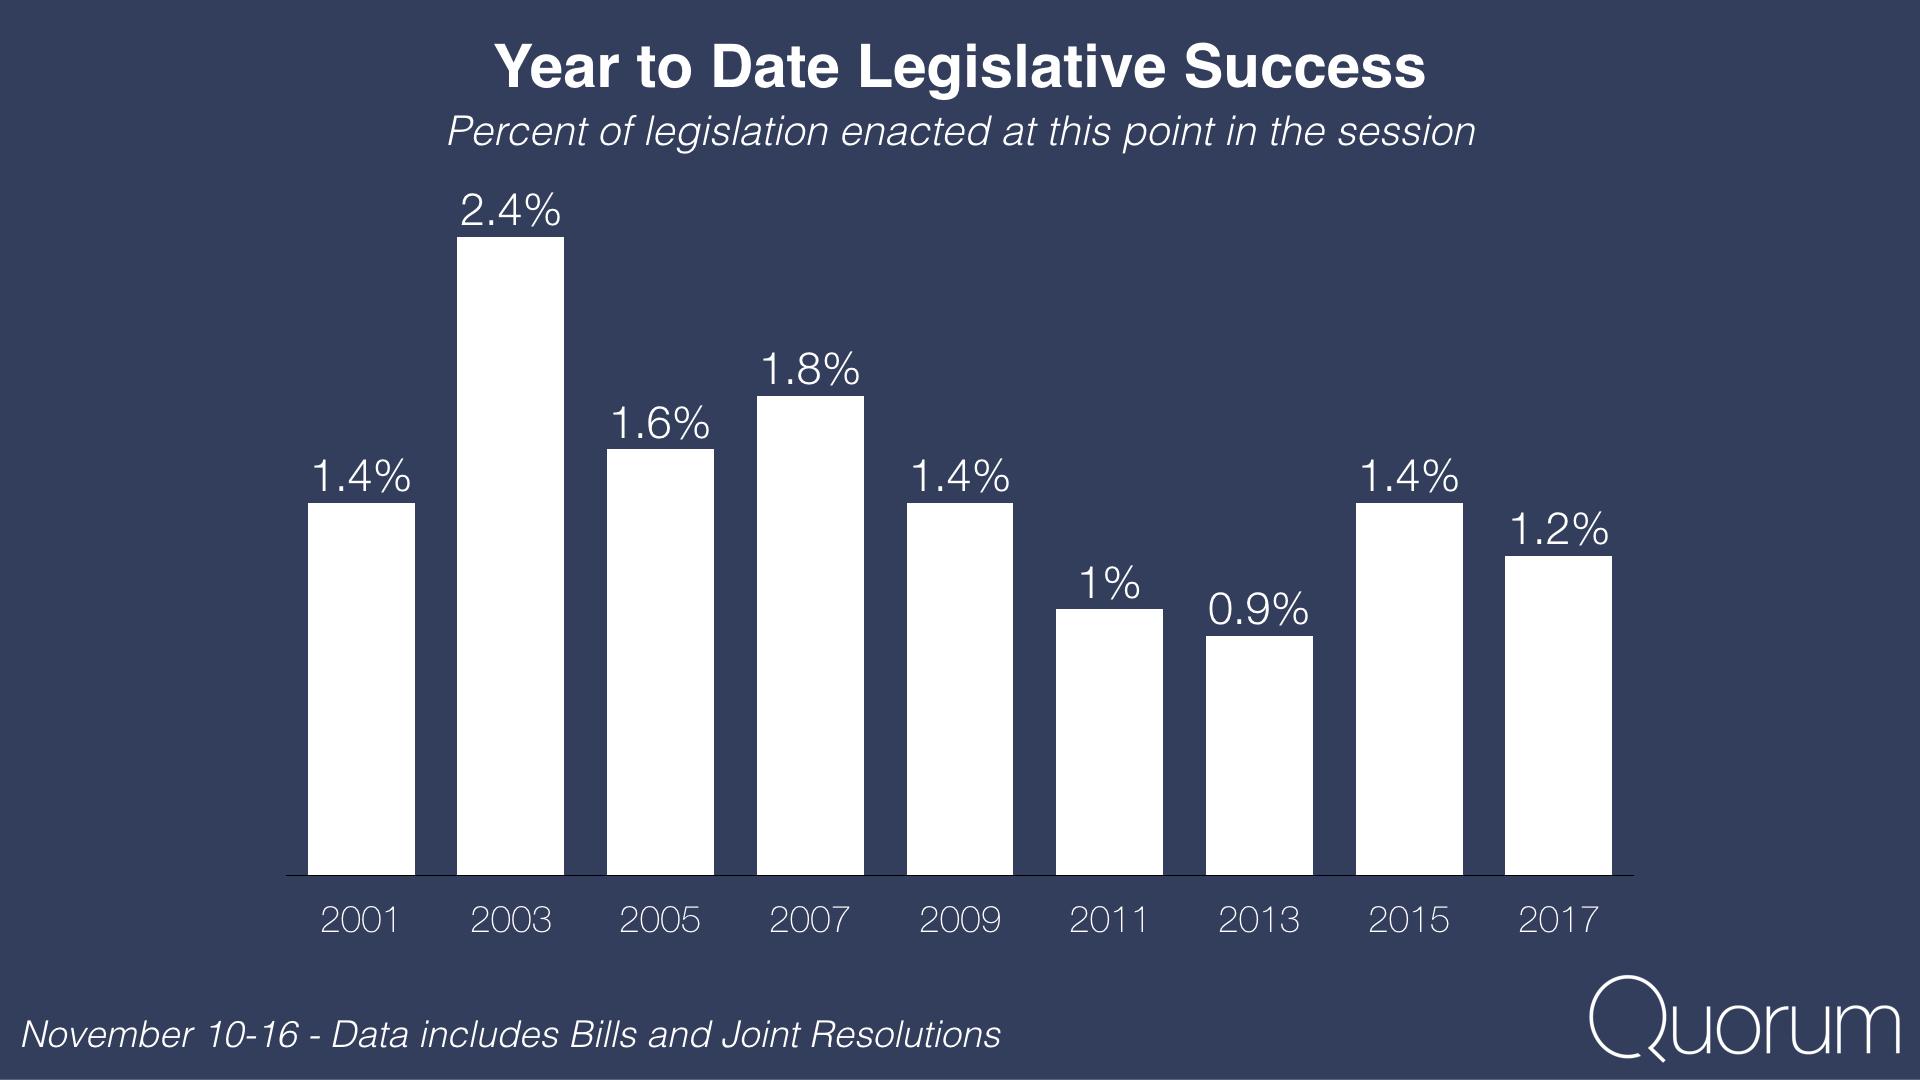 Year to date legislative success.